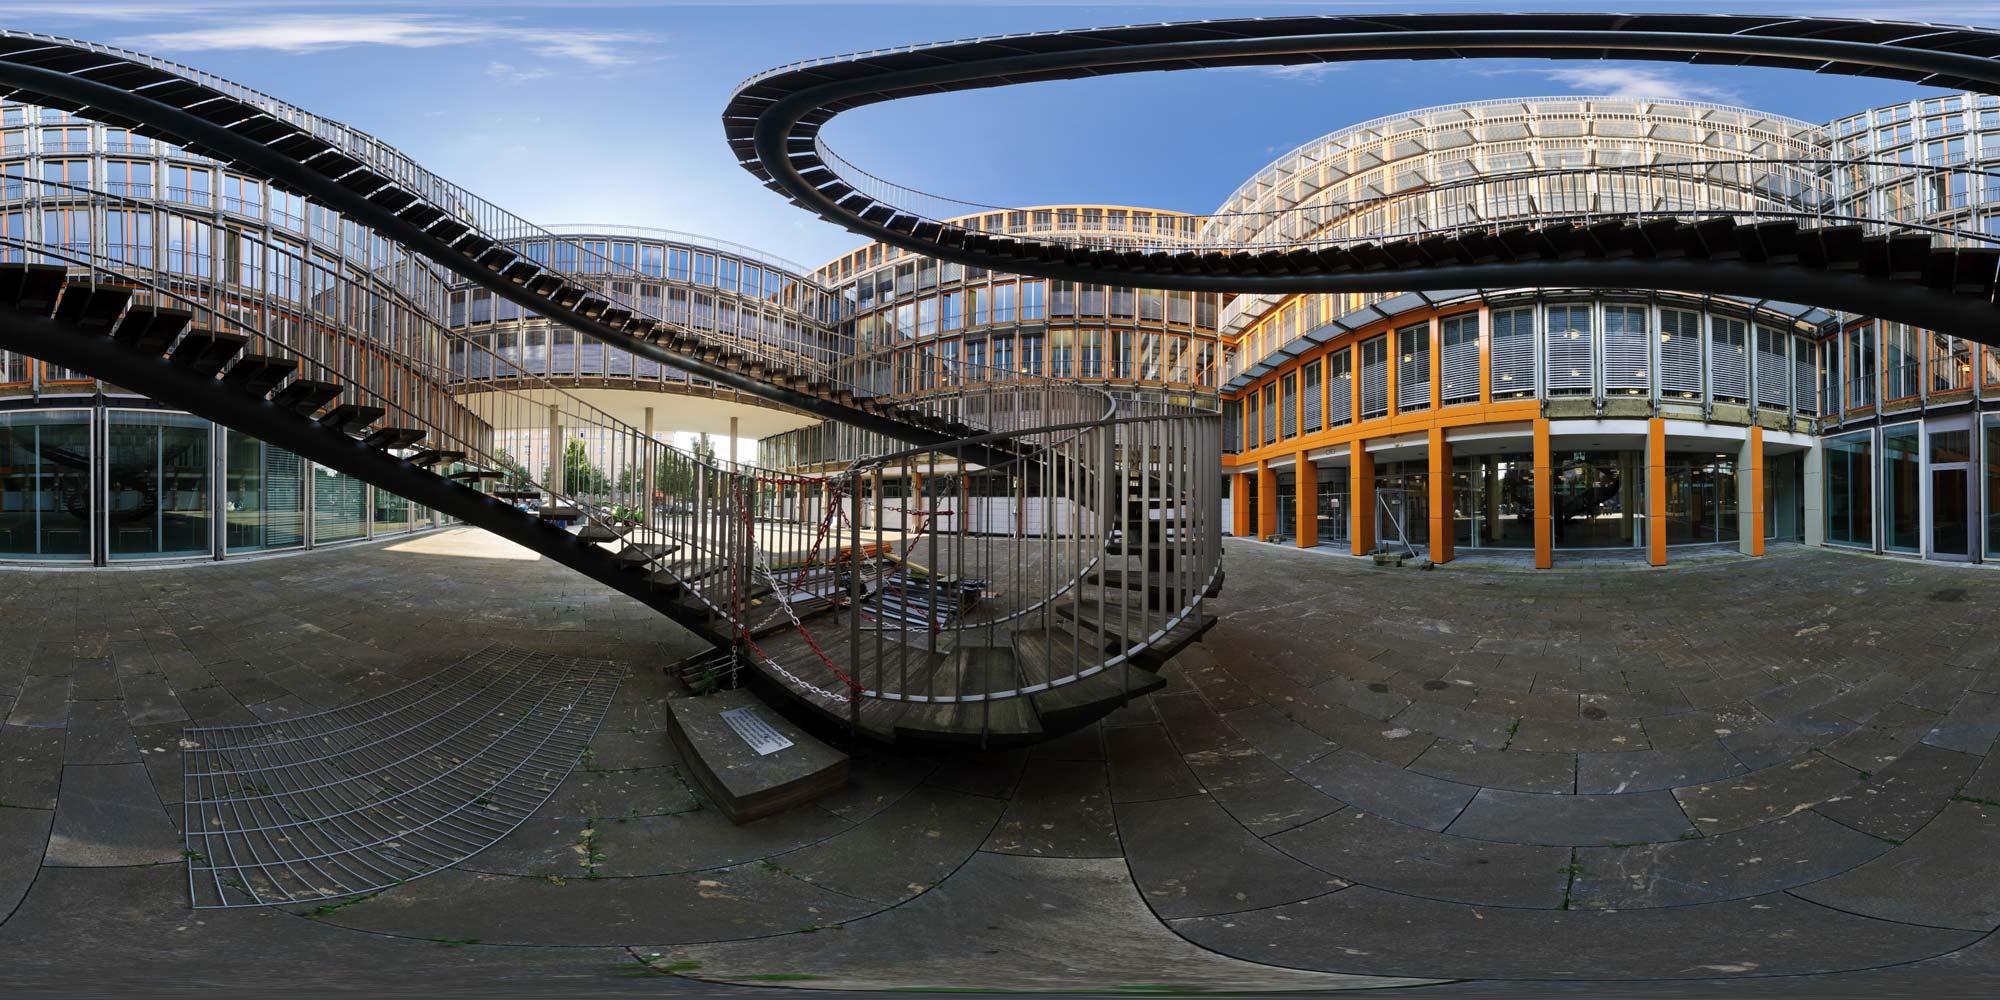 Treppen München kubische panoramen panorama foto bayern münchen endlose treppe